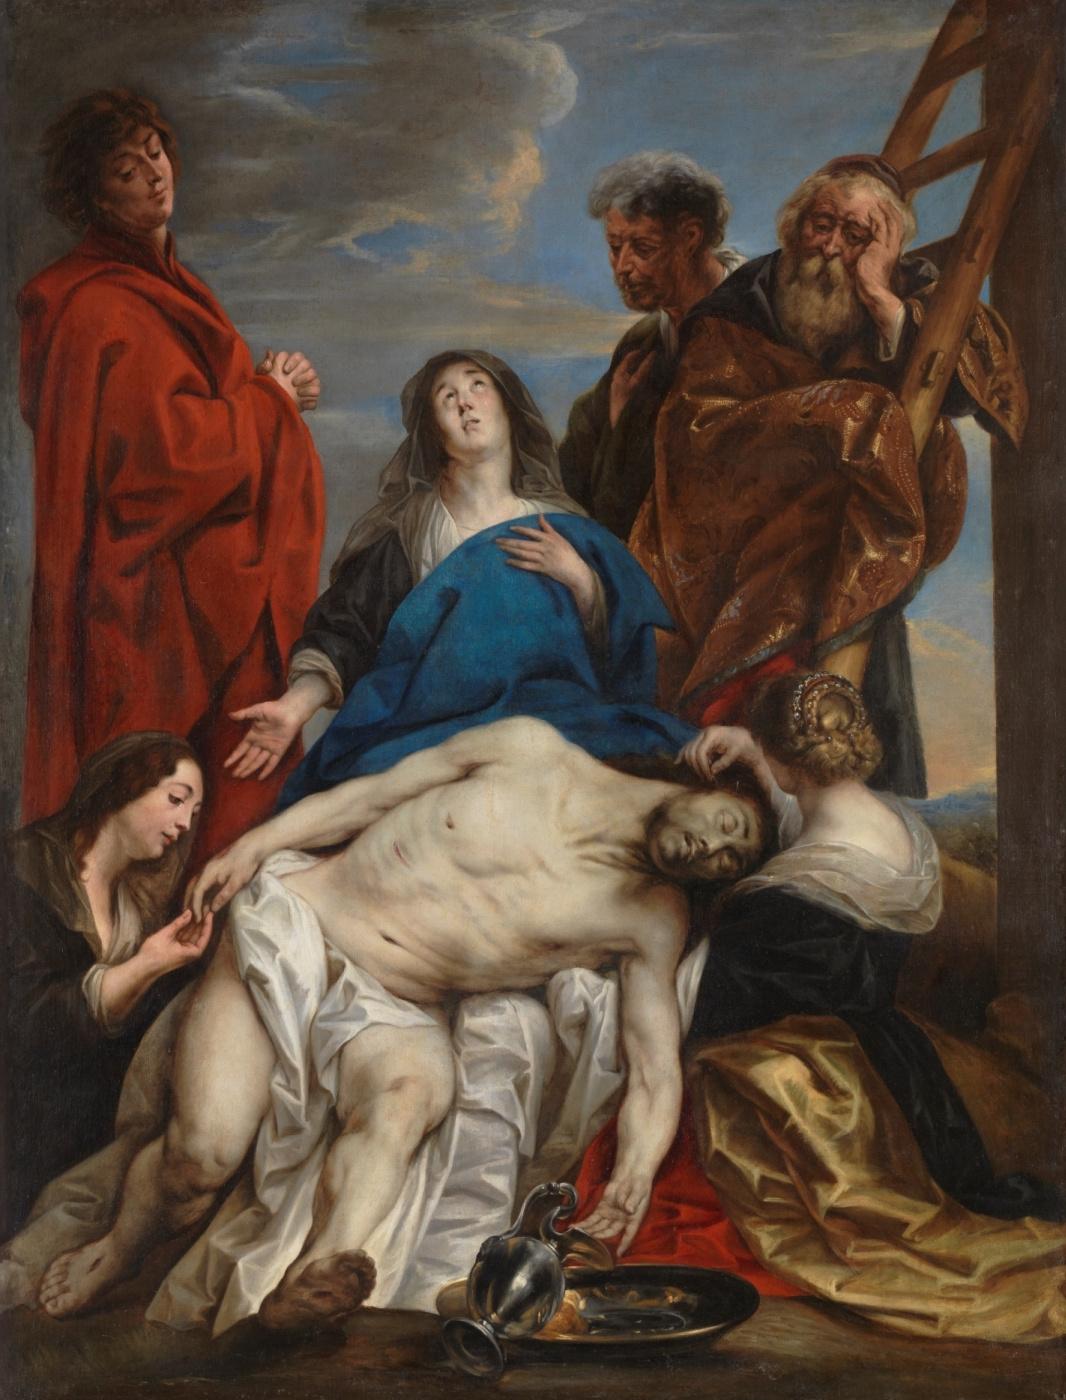 Jacob Jordaens. Pieta